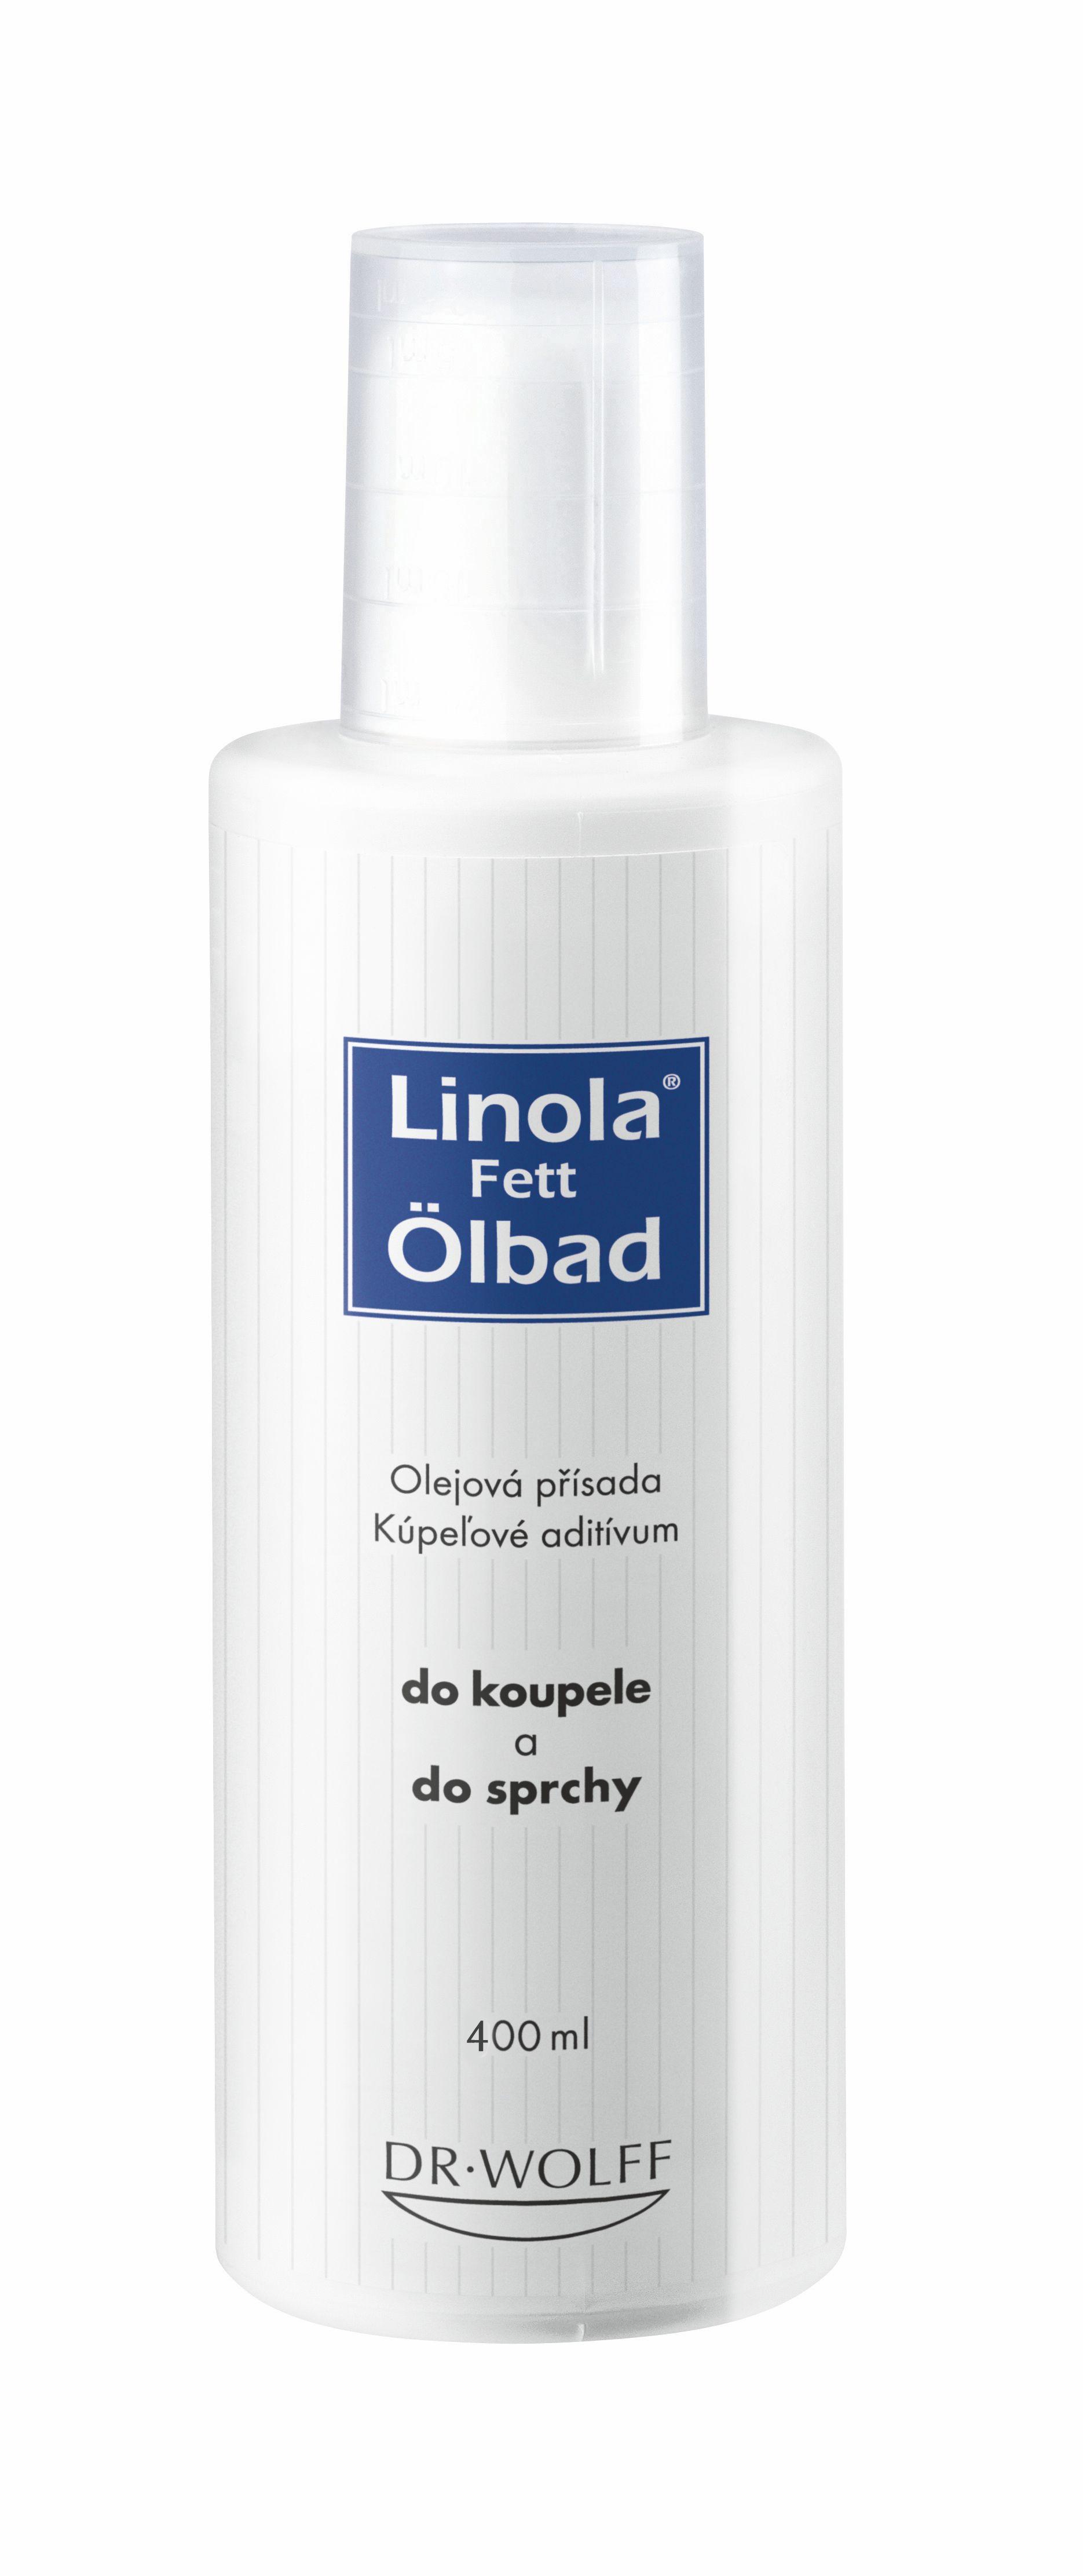 Linola-fett Ölbad přísada do koupele 400 ml